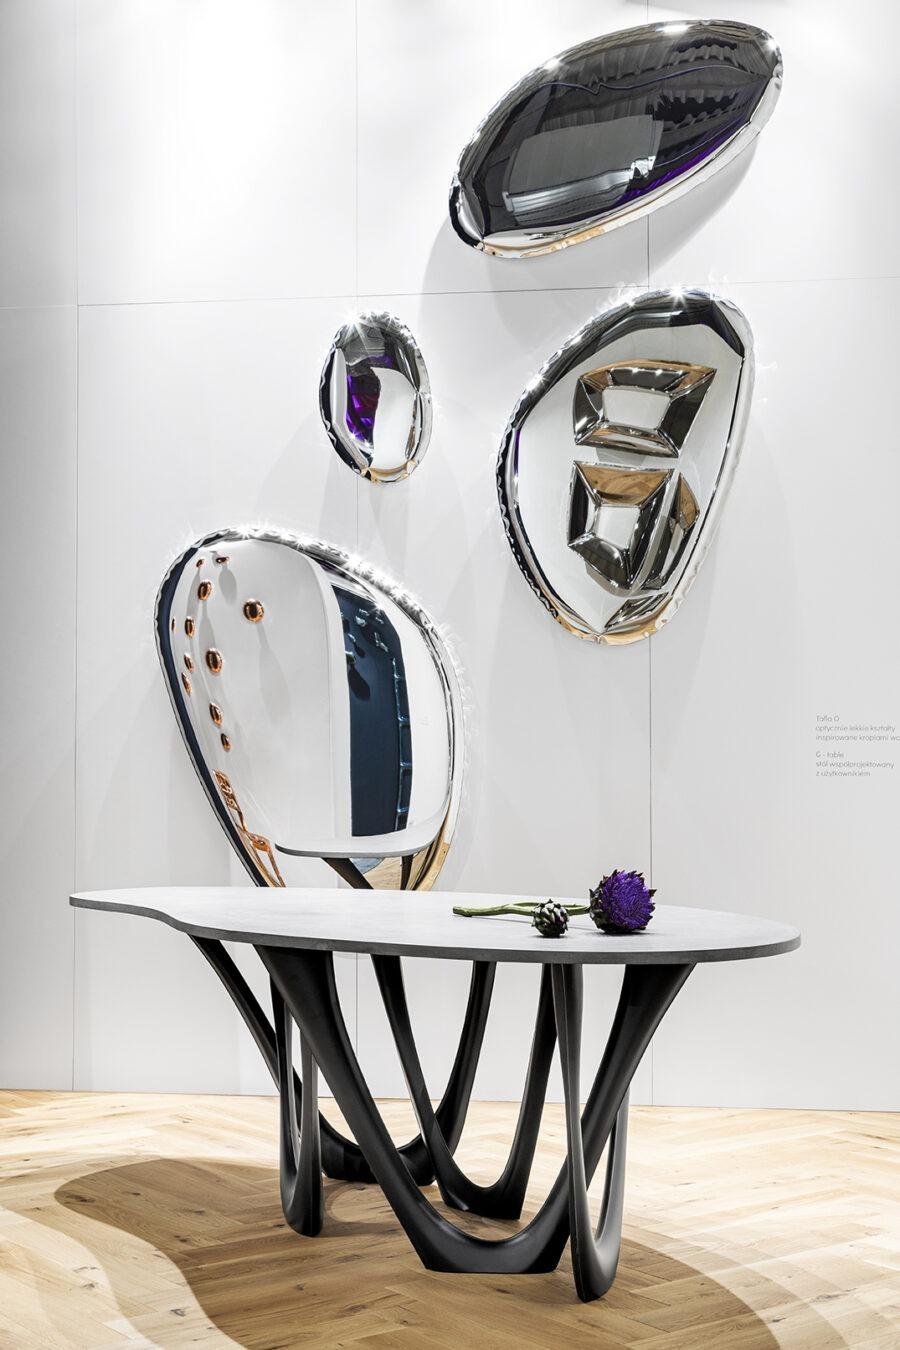 g-table concrete tafla o mirror